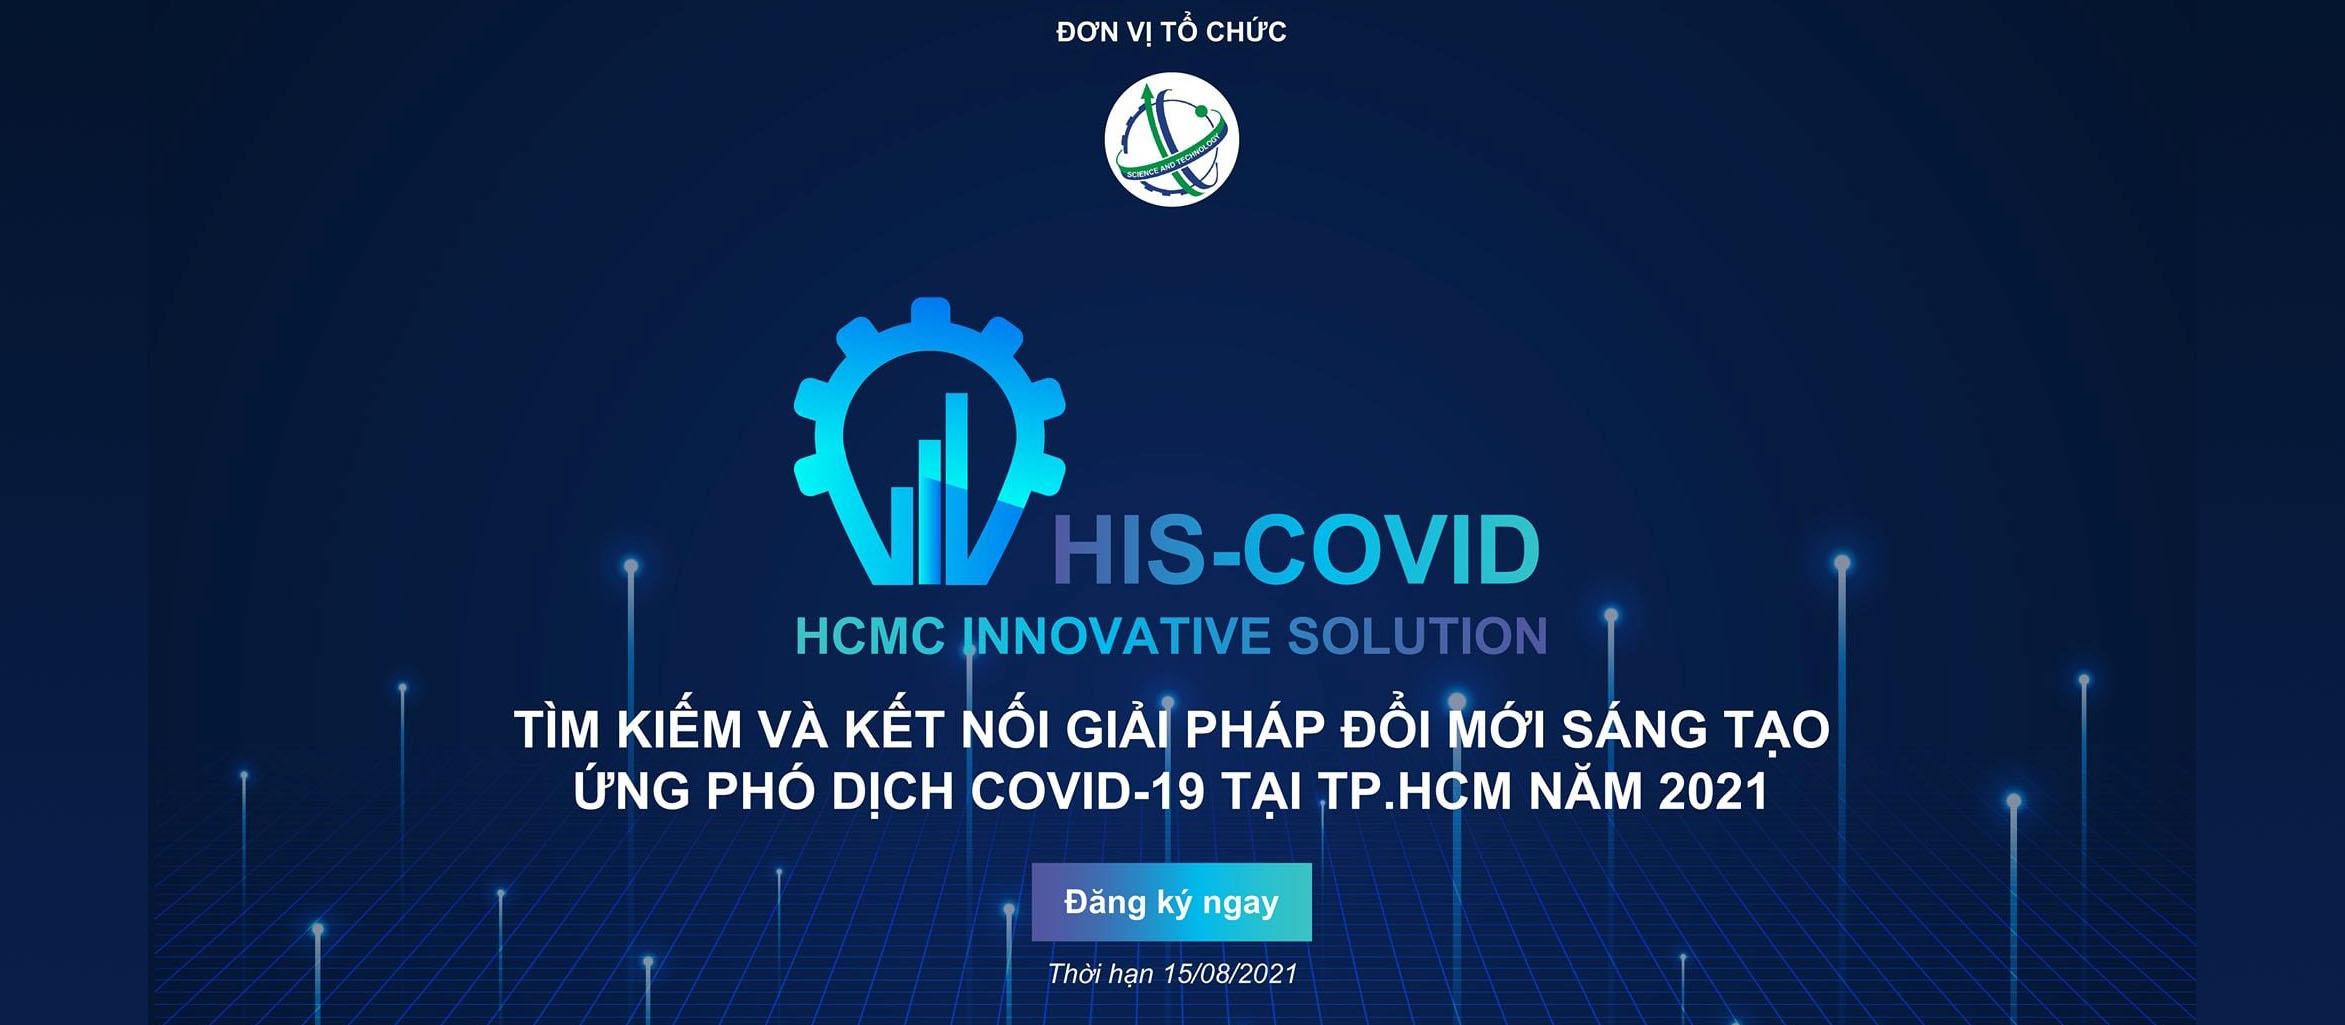 """TP HCM TRIỂN KHAI HIS-COVID 2021 - """"QUỸ VACCINE GIẢI PHÁP SÁNG TẠO & CÔNG NGHỆ"""